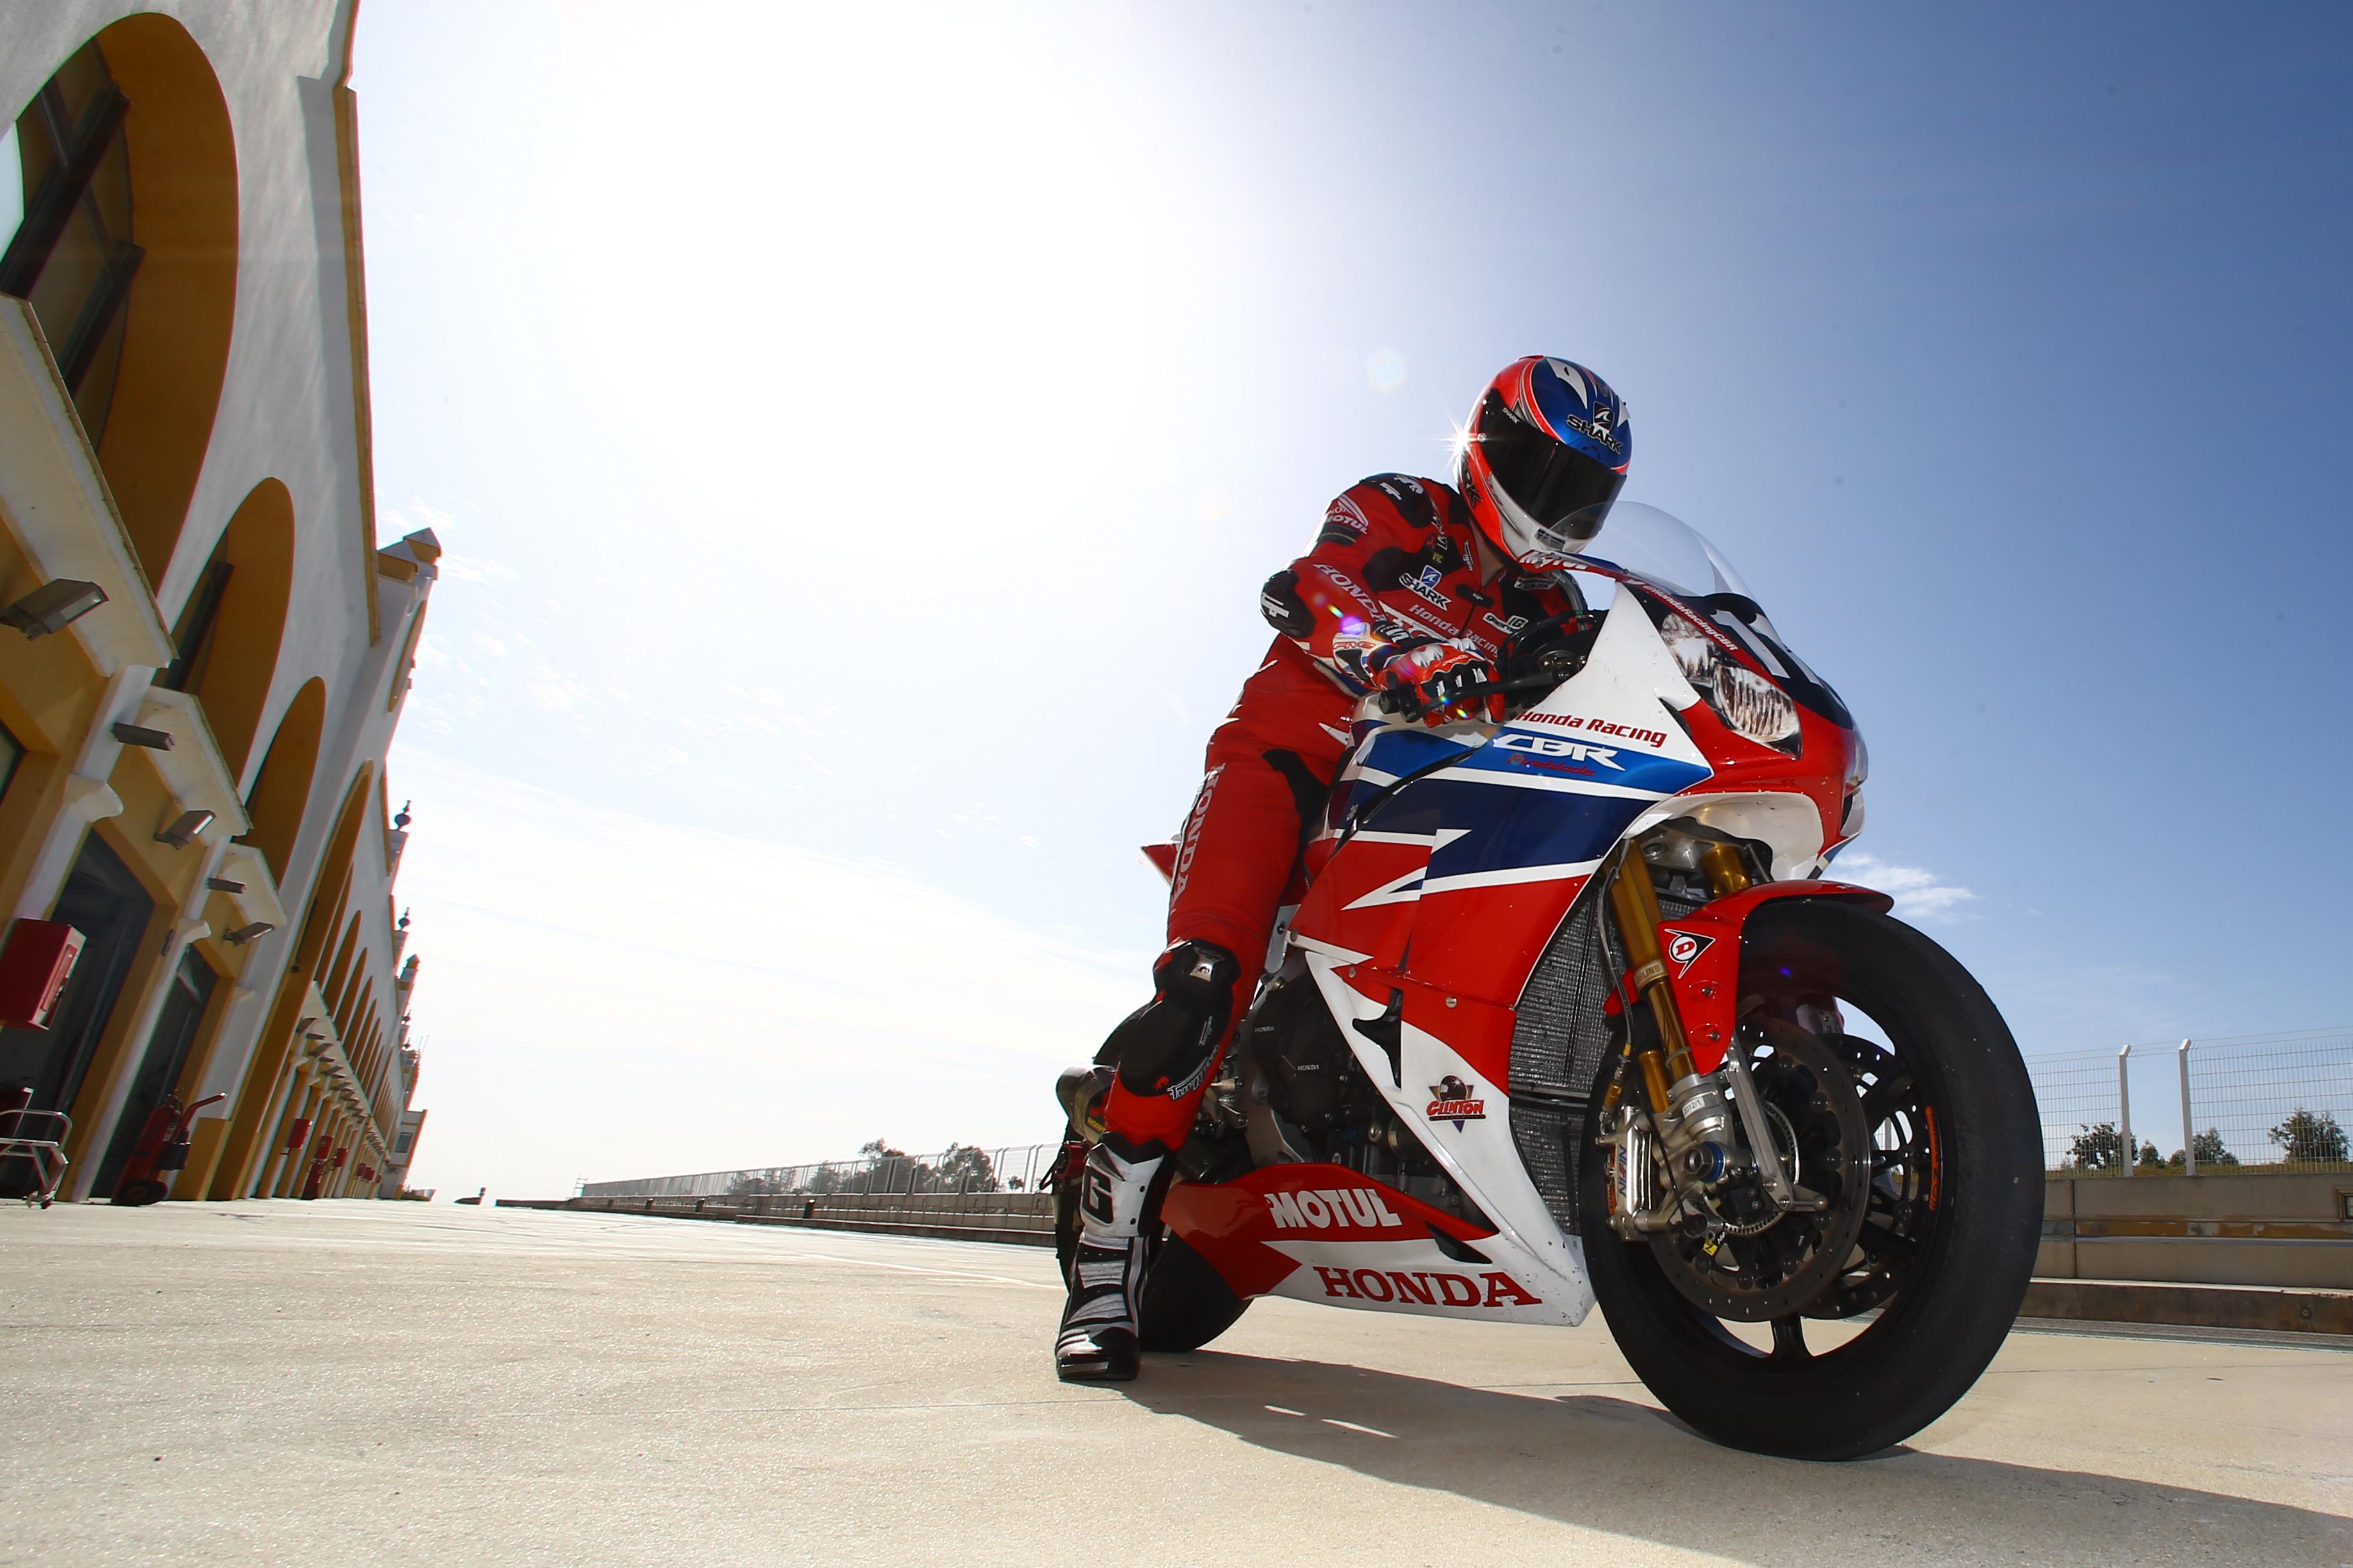 Circuito Monteblanco : Honda racing completes pre season testing at monteblanco ewc